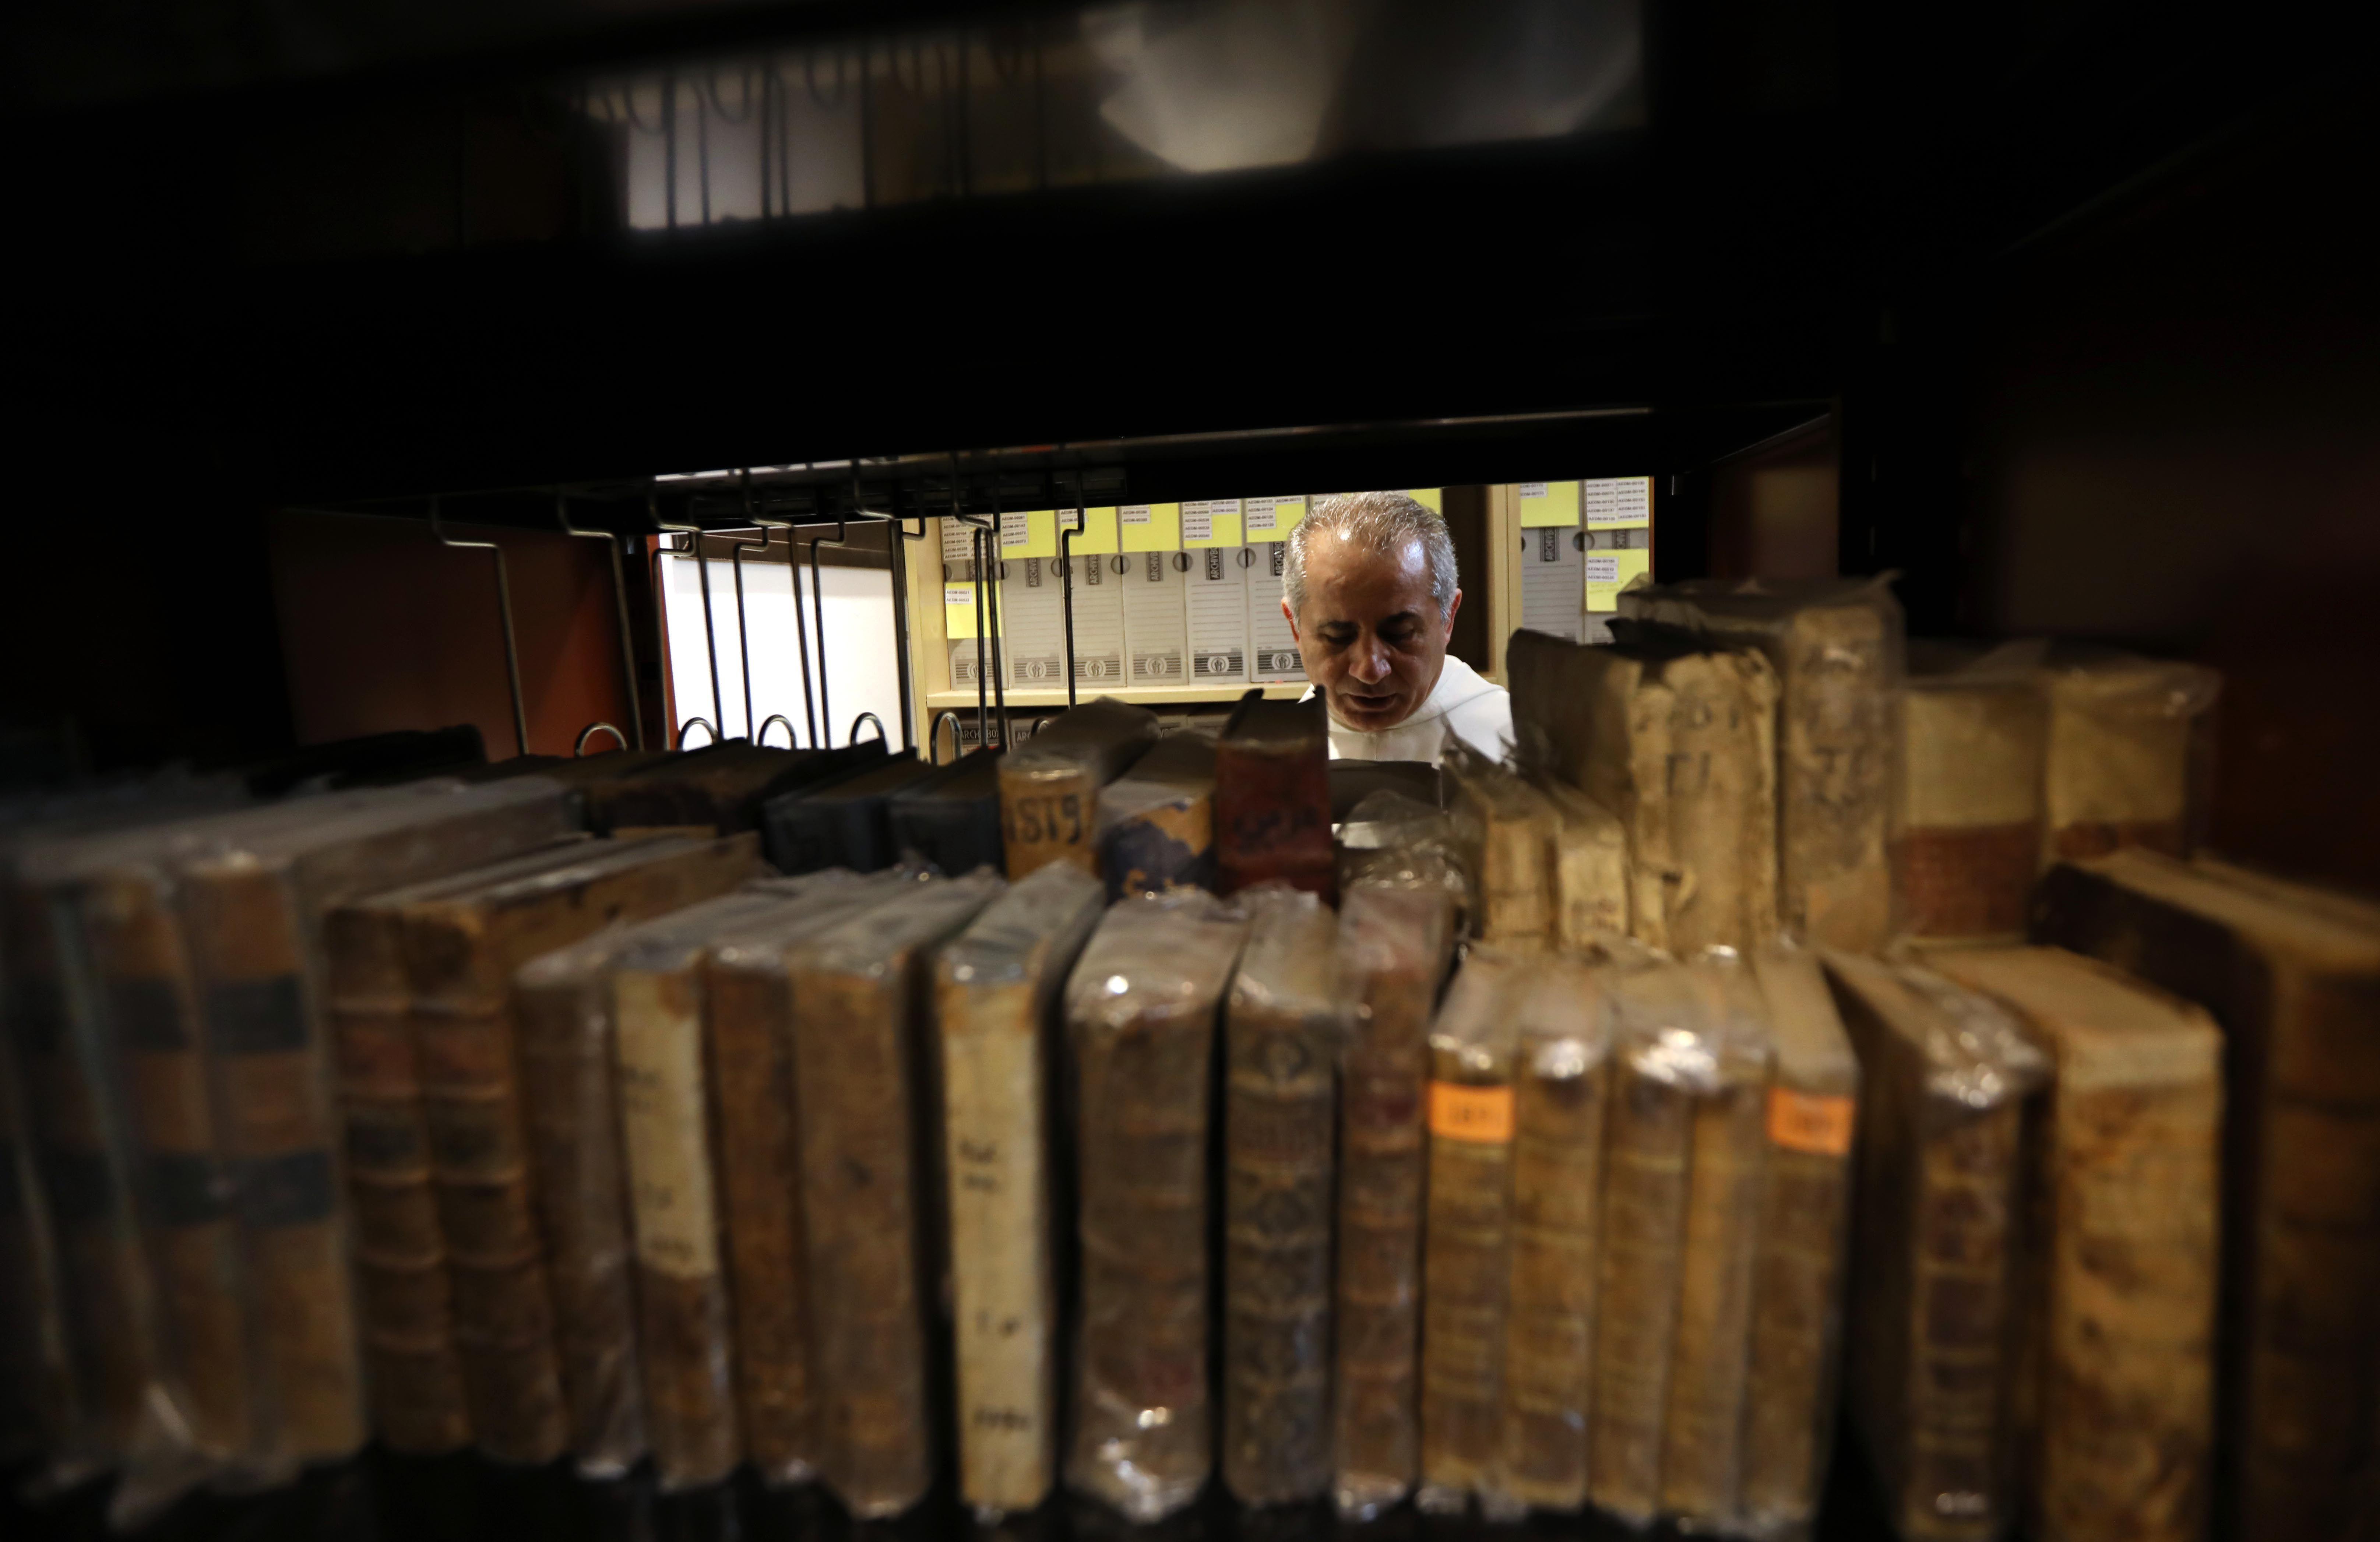 بعض الكتب التى تم حفظها من السرقة